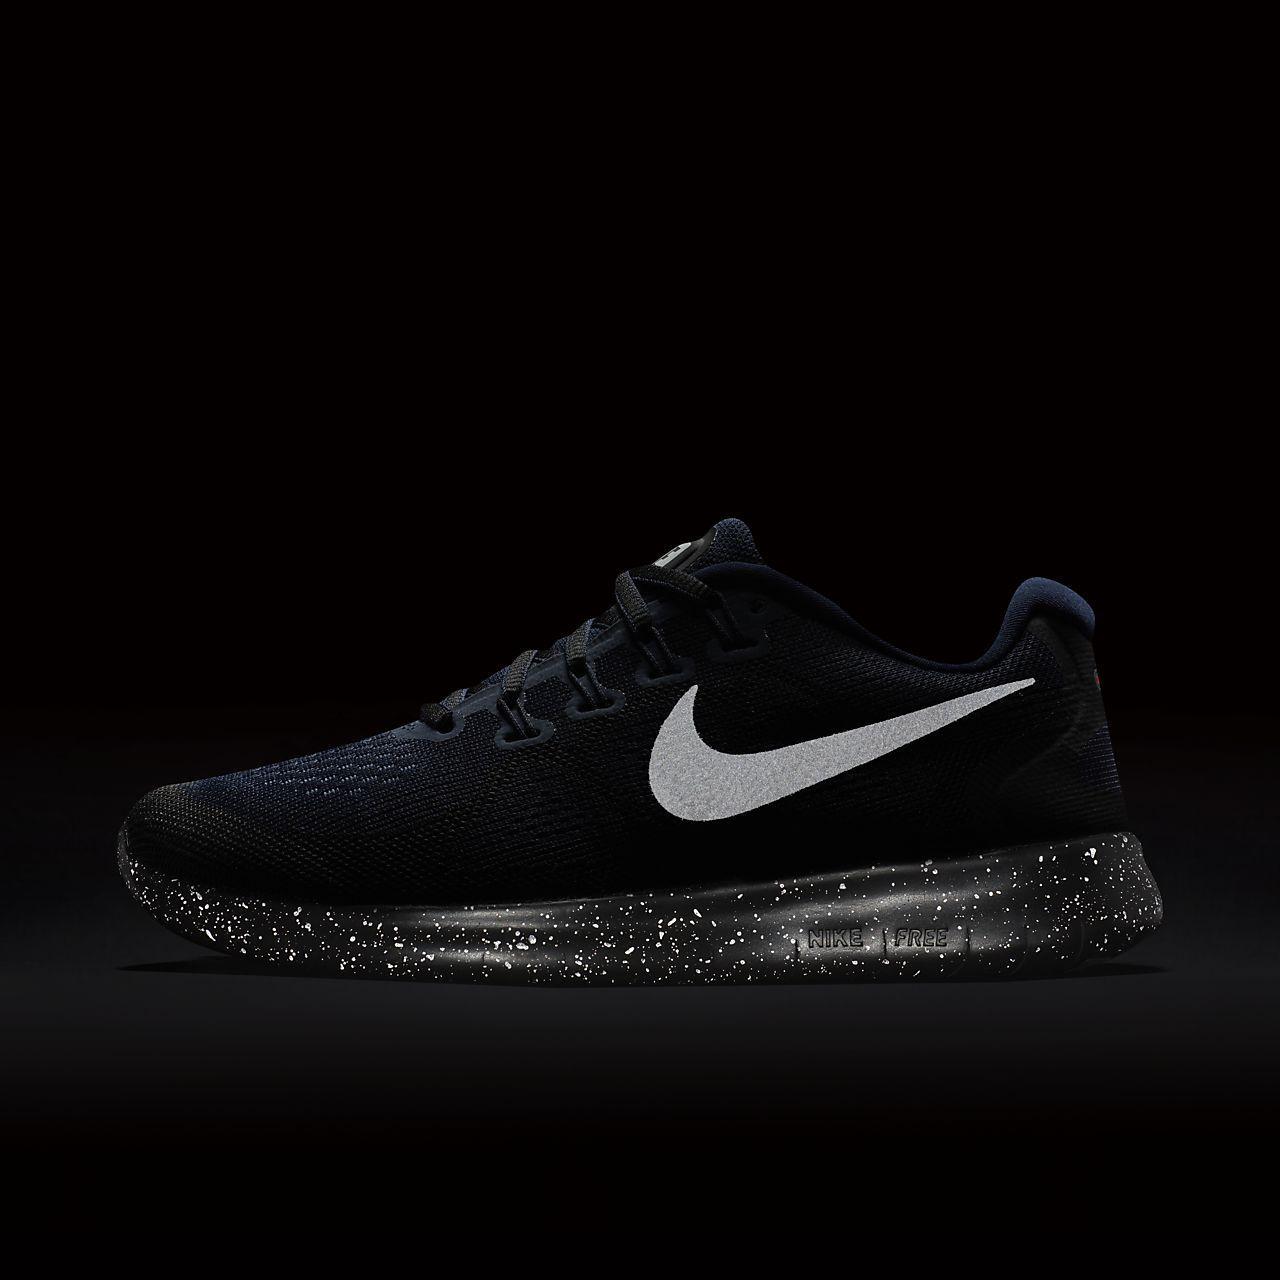 nike running shoes, Nike shox shoes